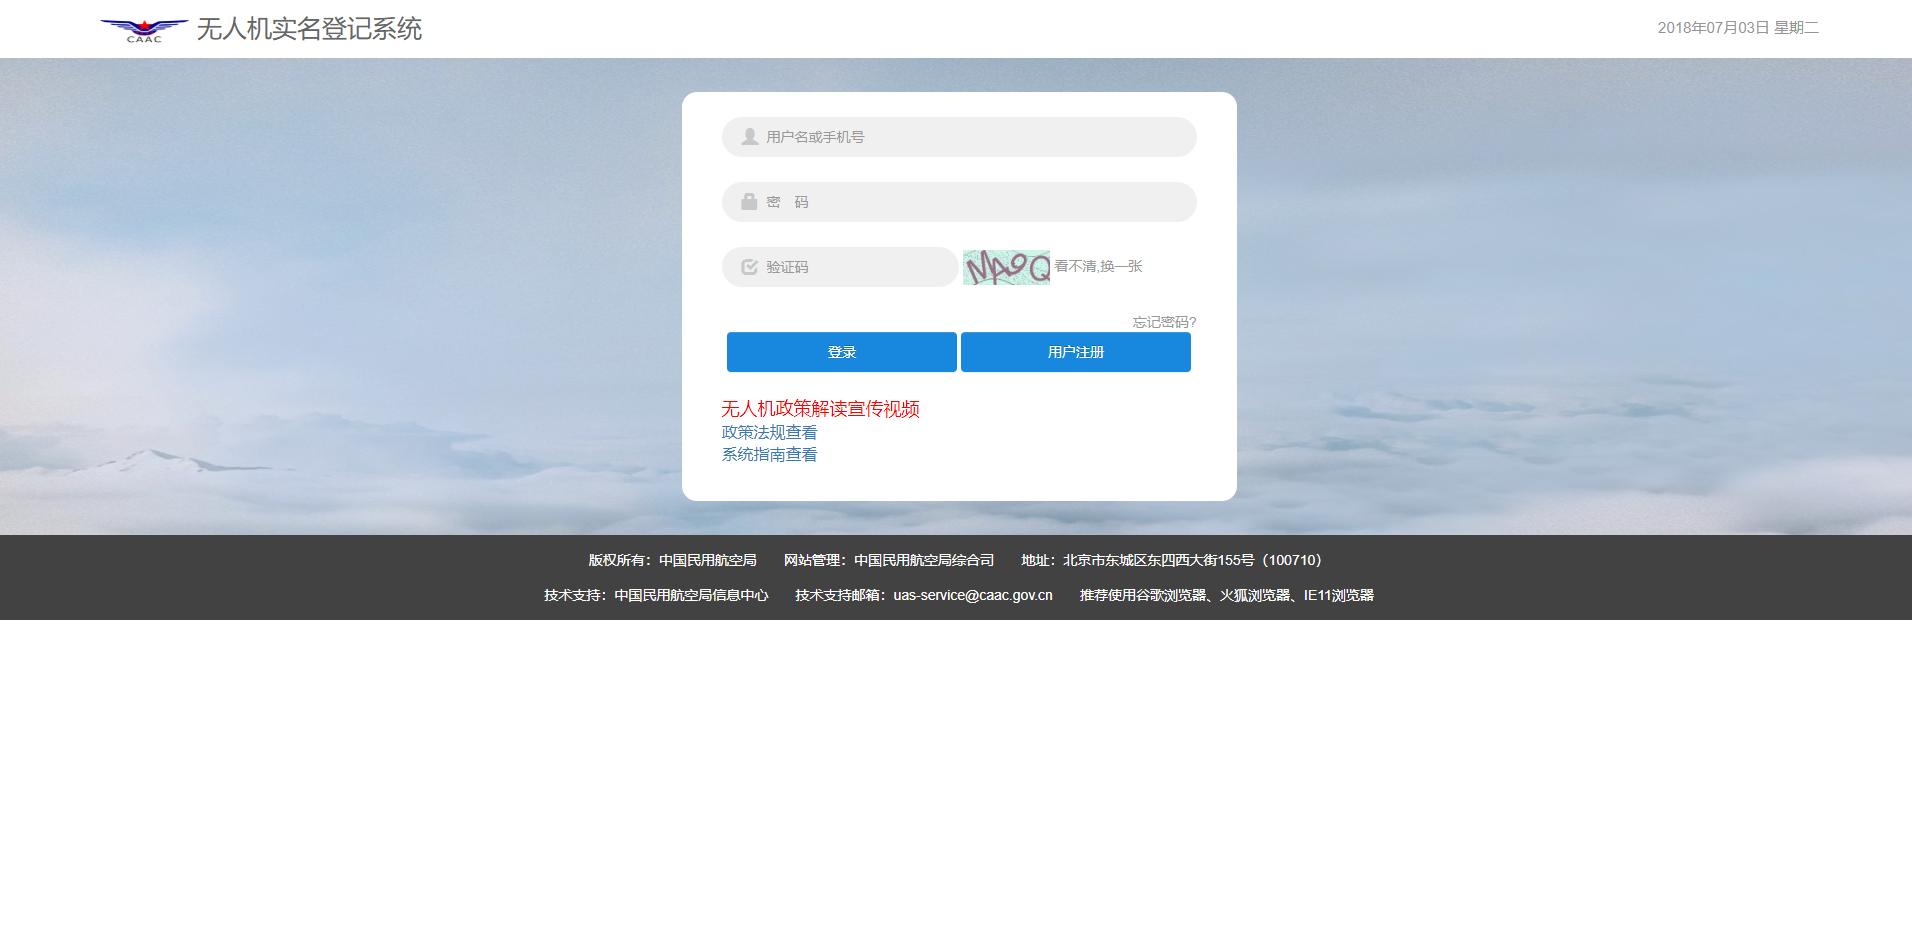 实名登记1-首页.png